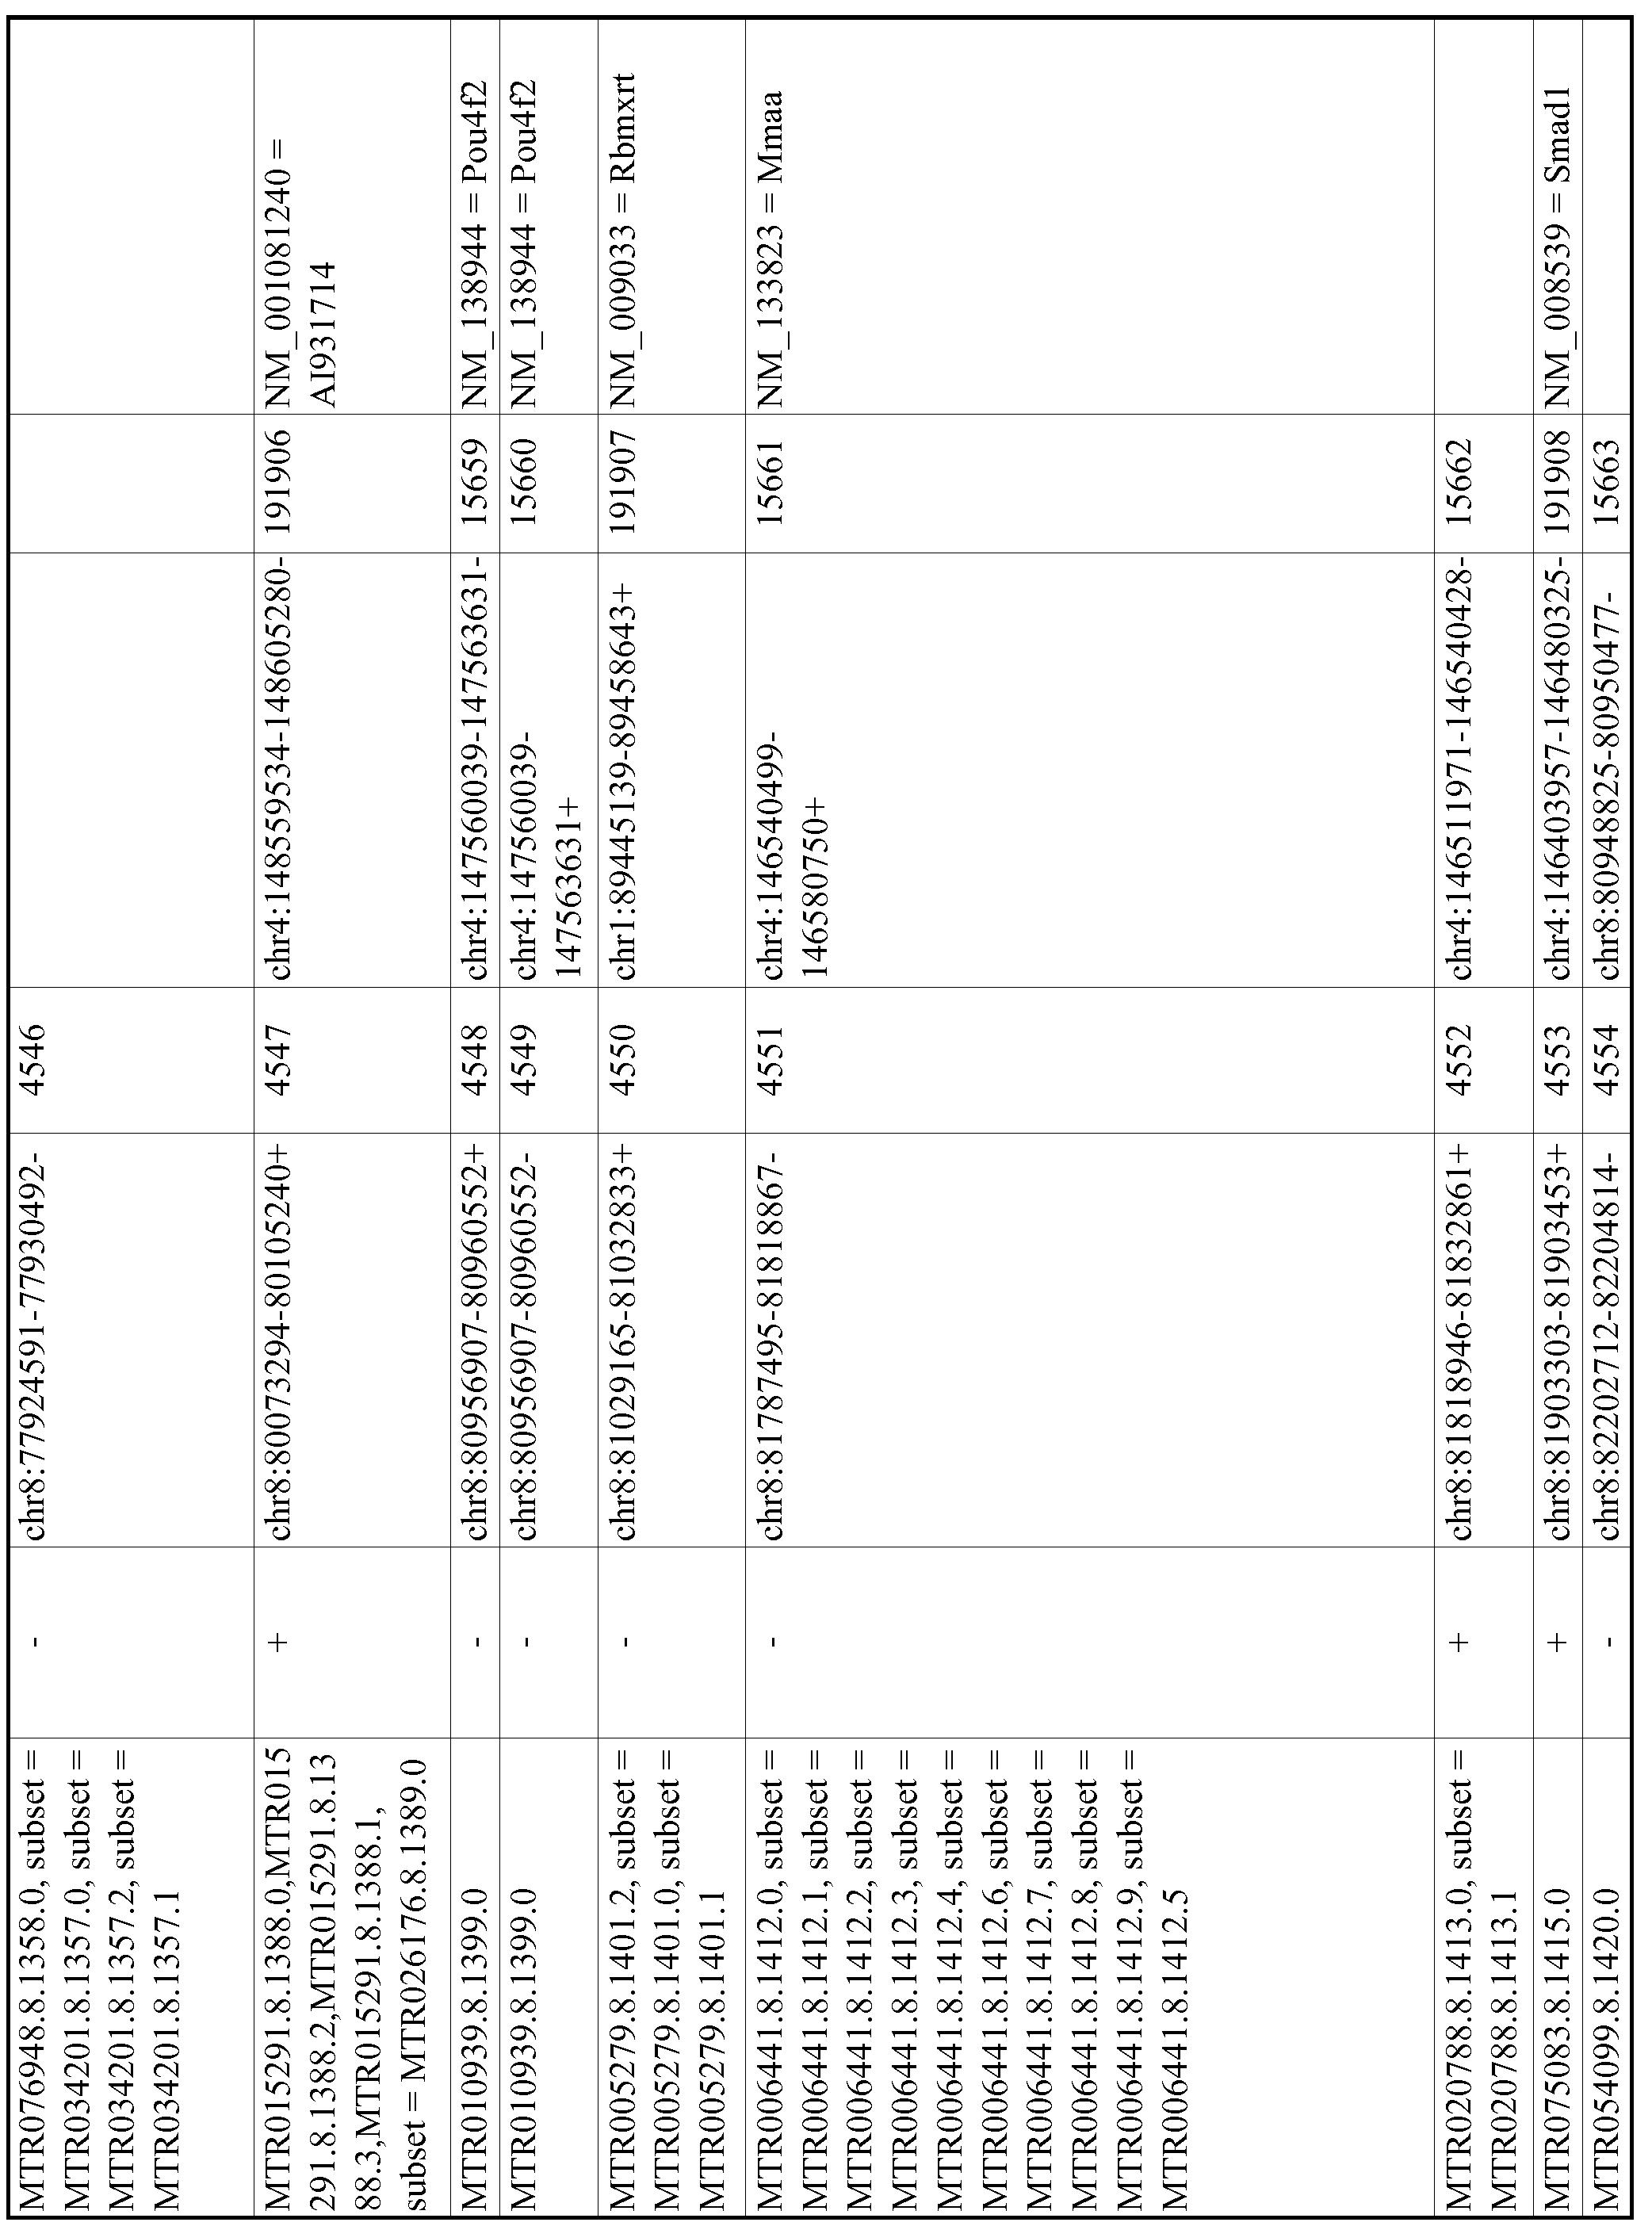 Figure imgf000845_0001